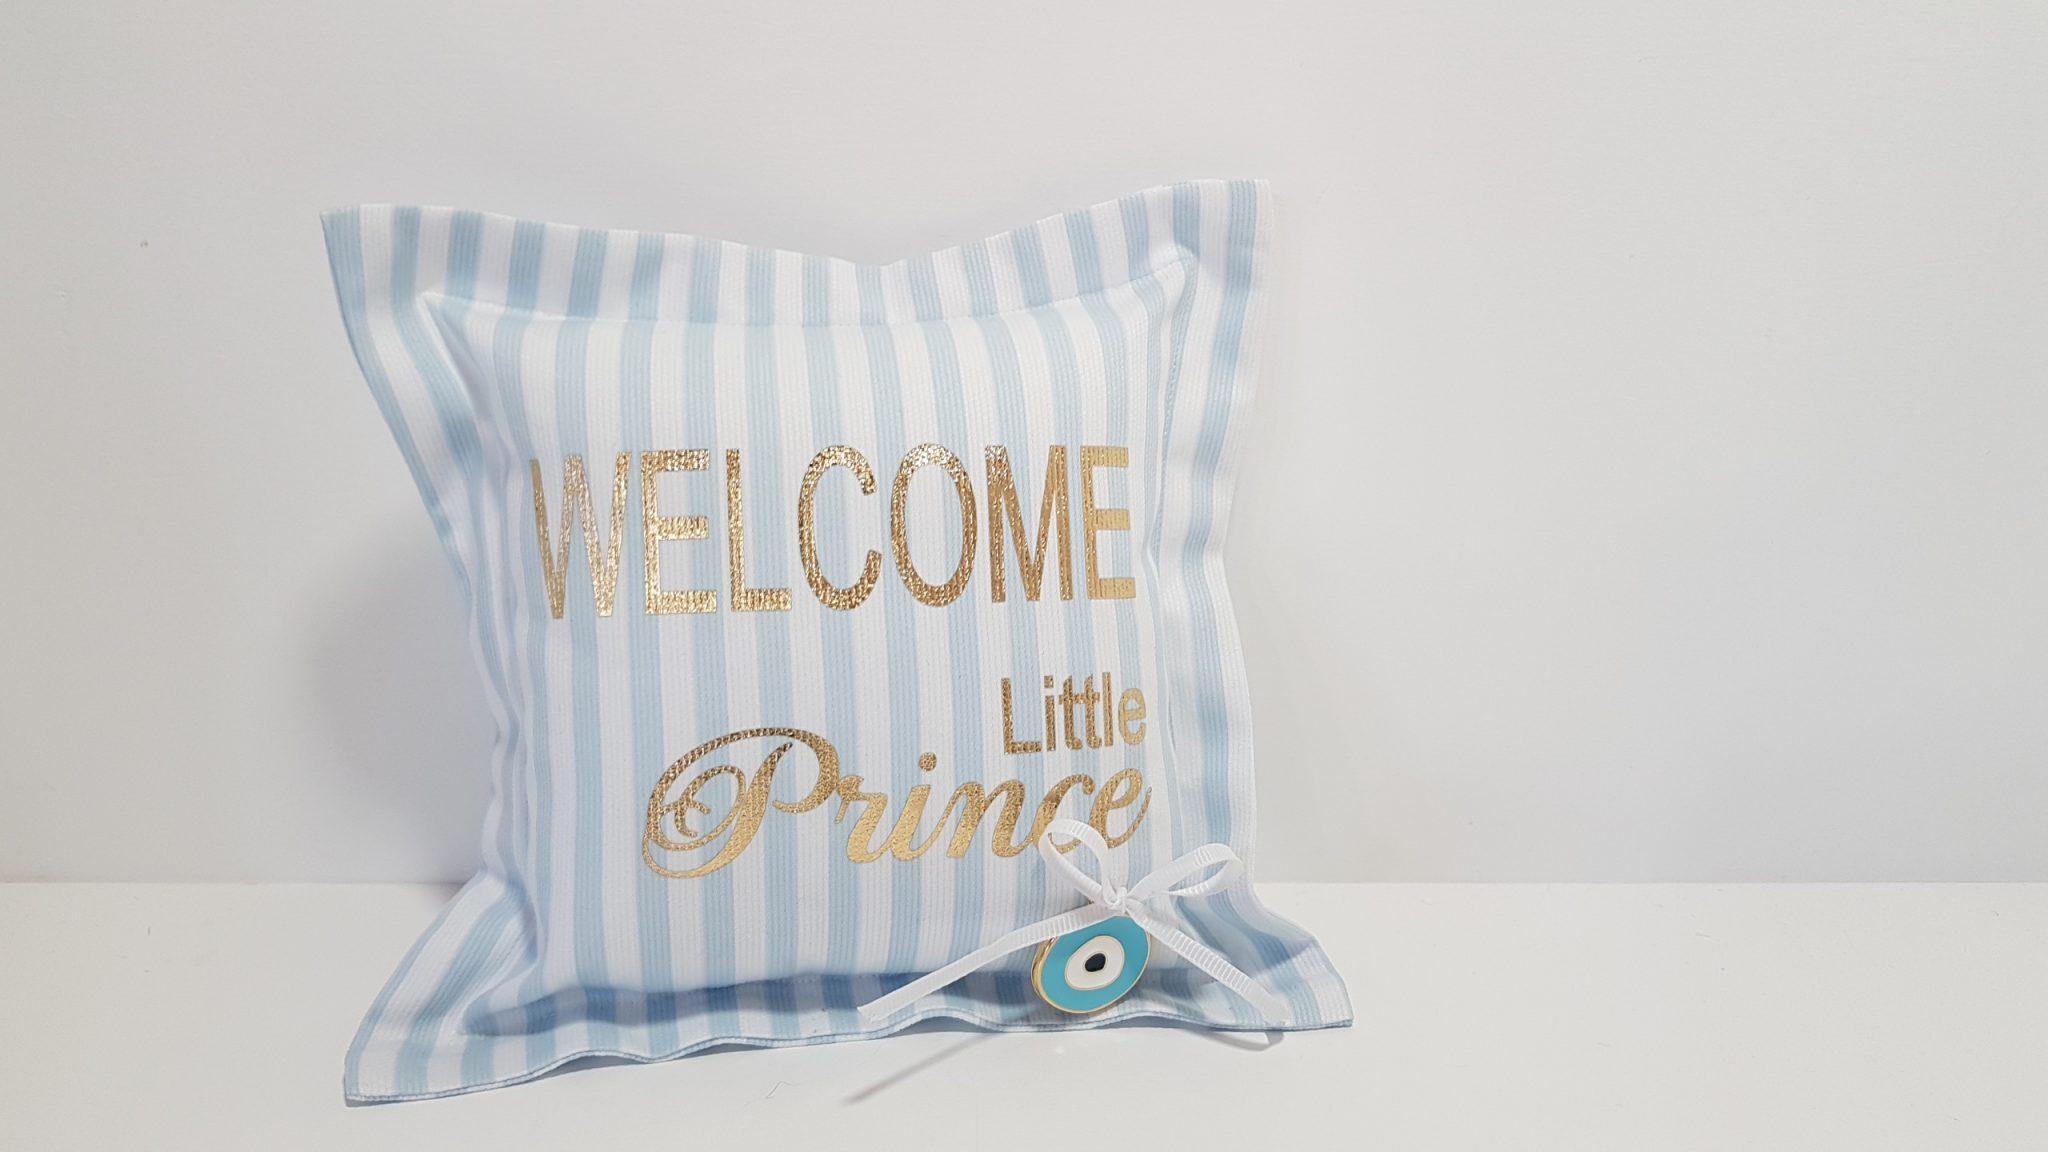 Μαξιλάρι ριγέ Welcome little prince με μεγάλο μεταλλικό χρυσό μάτι.